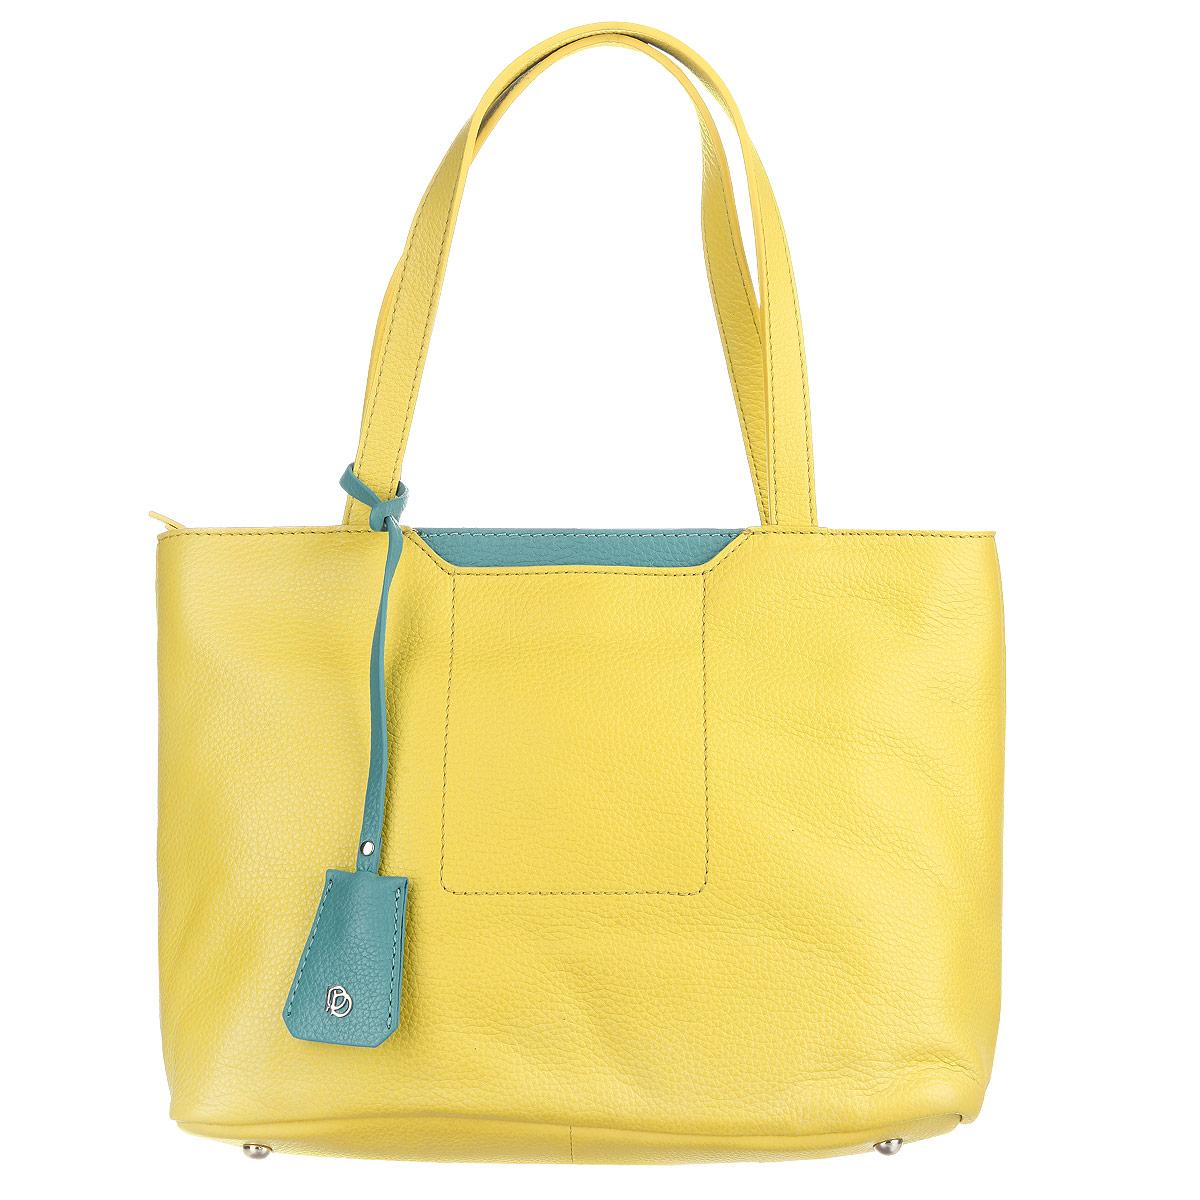 Сумка женская Pimobetti, цвет: желтый, зеленый. 13868BS-W113868BS-W1_желтый, зеленыйСумка женская Pimobetti выполнена из натуральной кожи. Сумка с одним отделением, застегивающимся на молнию. Внутри один карман на молнии, два кармашка для мелочей и один карман на кнопке. На задней поверхности сумки один карман на молнии, на передней поверхности - один кармашек на кнопке. Сумка снабжена двумя удобными ручками. На дне сумки - четыре металлические ножки. В комплект входит брелок. Размер брелока: 4 см х 20 см.